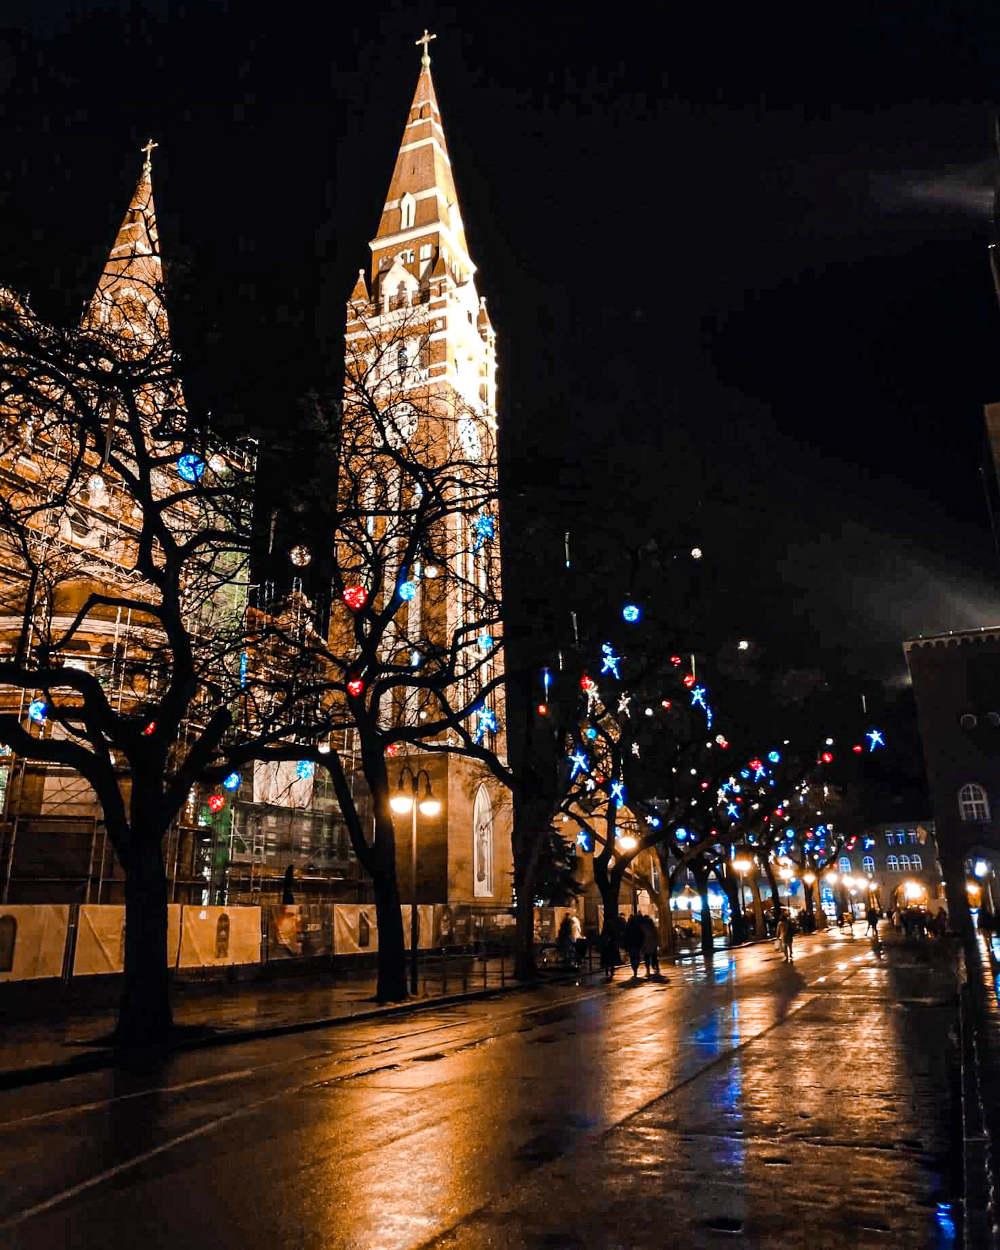 Zavetna crkva u Segedinu noću, božićno okićeno drveće